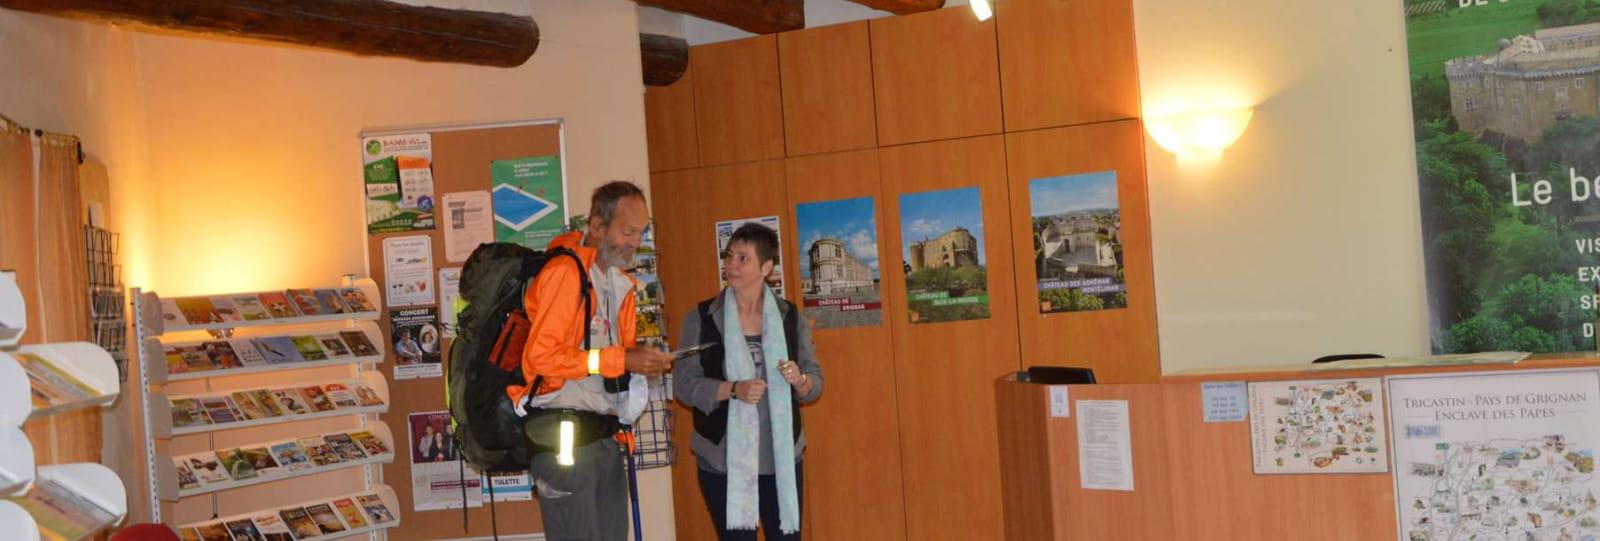 Office de tourisme Intercommunal Drôme Sud Provence - Accueil de Suze la Rousse